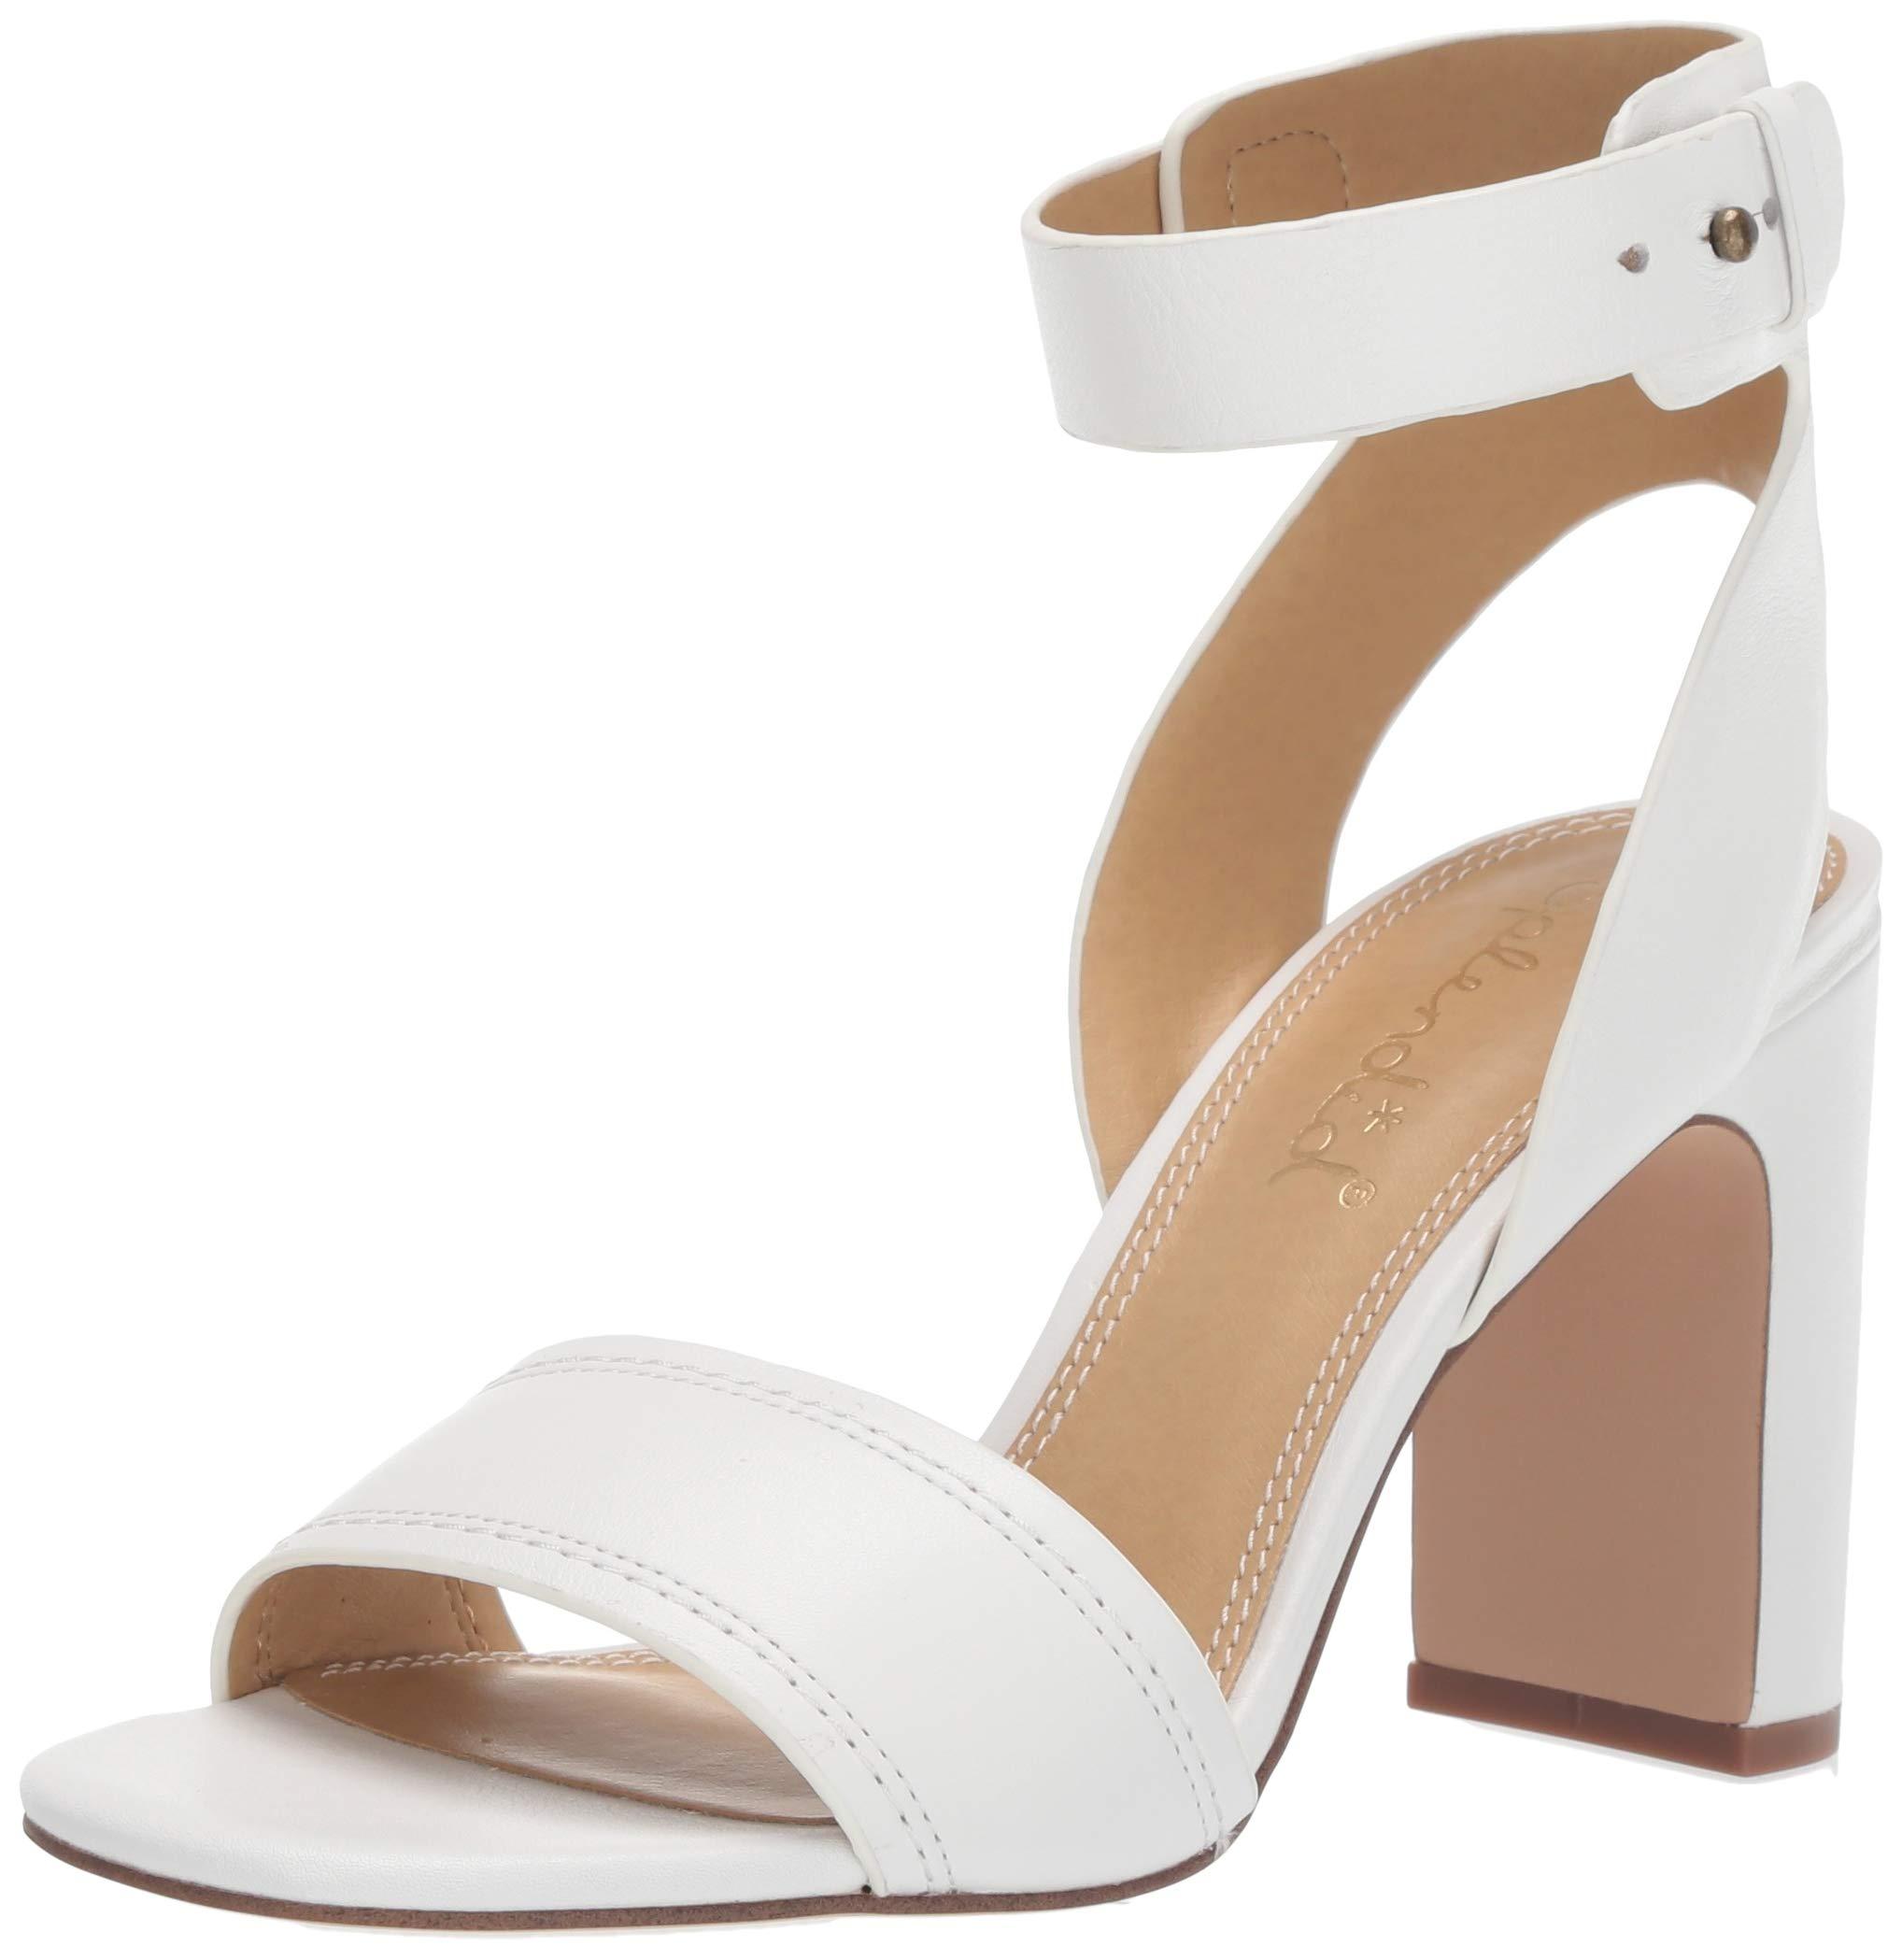 Splendid Women Harding Heeled Sandal, White, 9.5 M US by Splendid